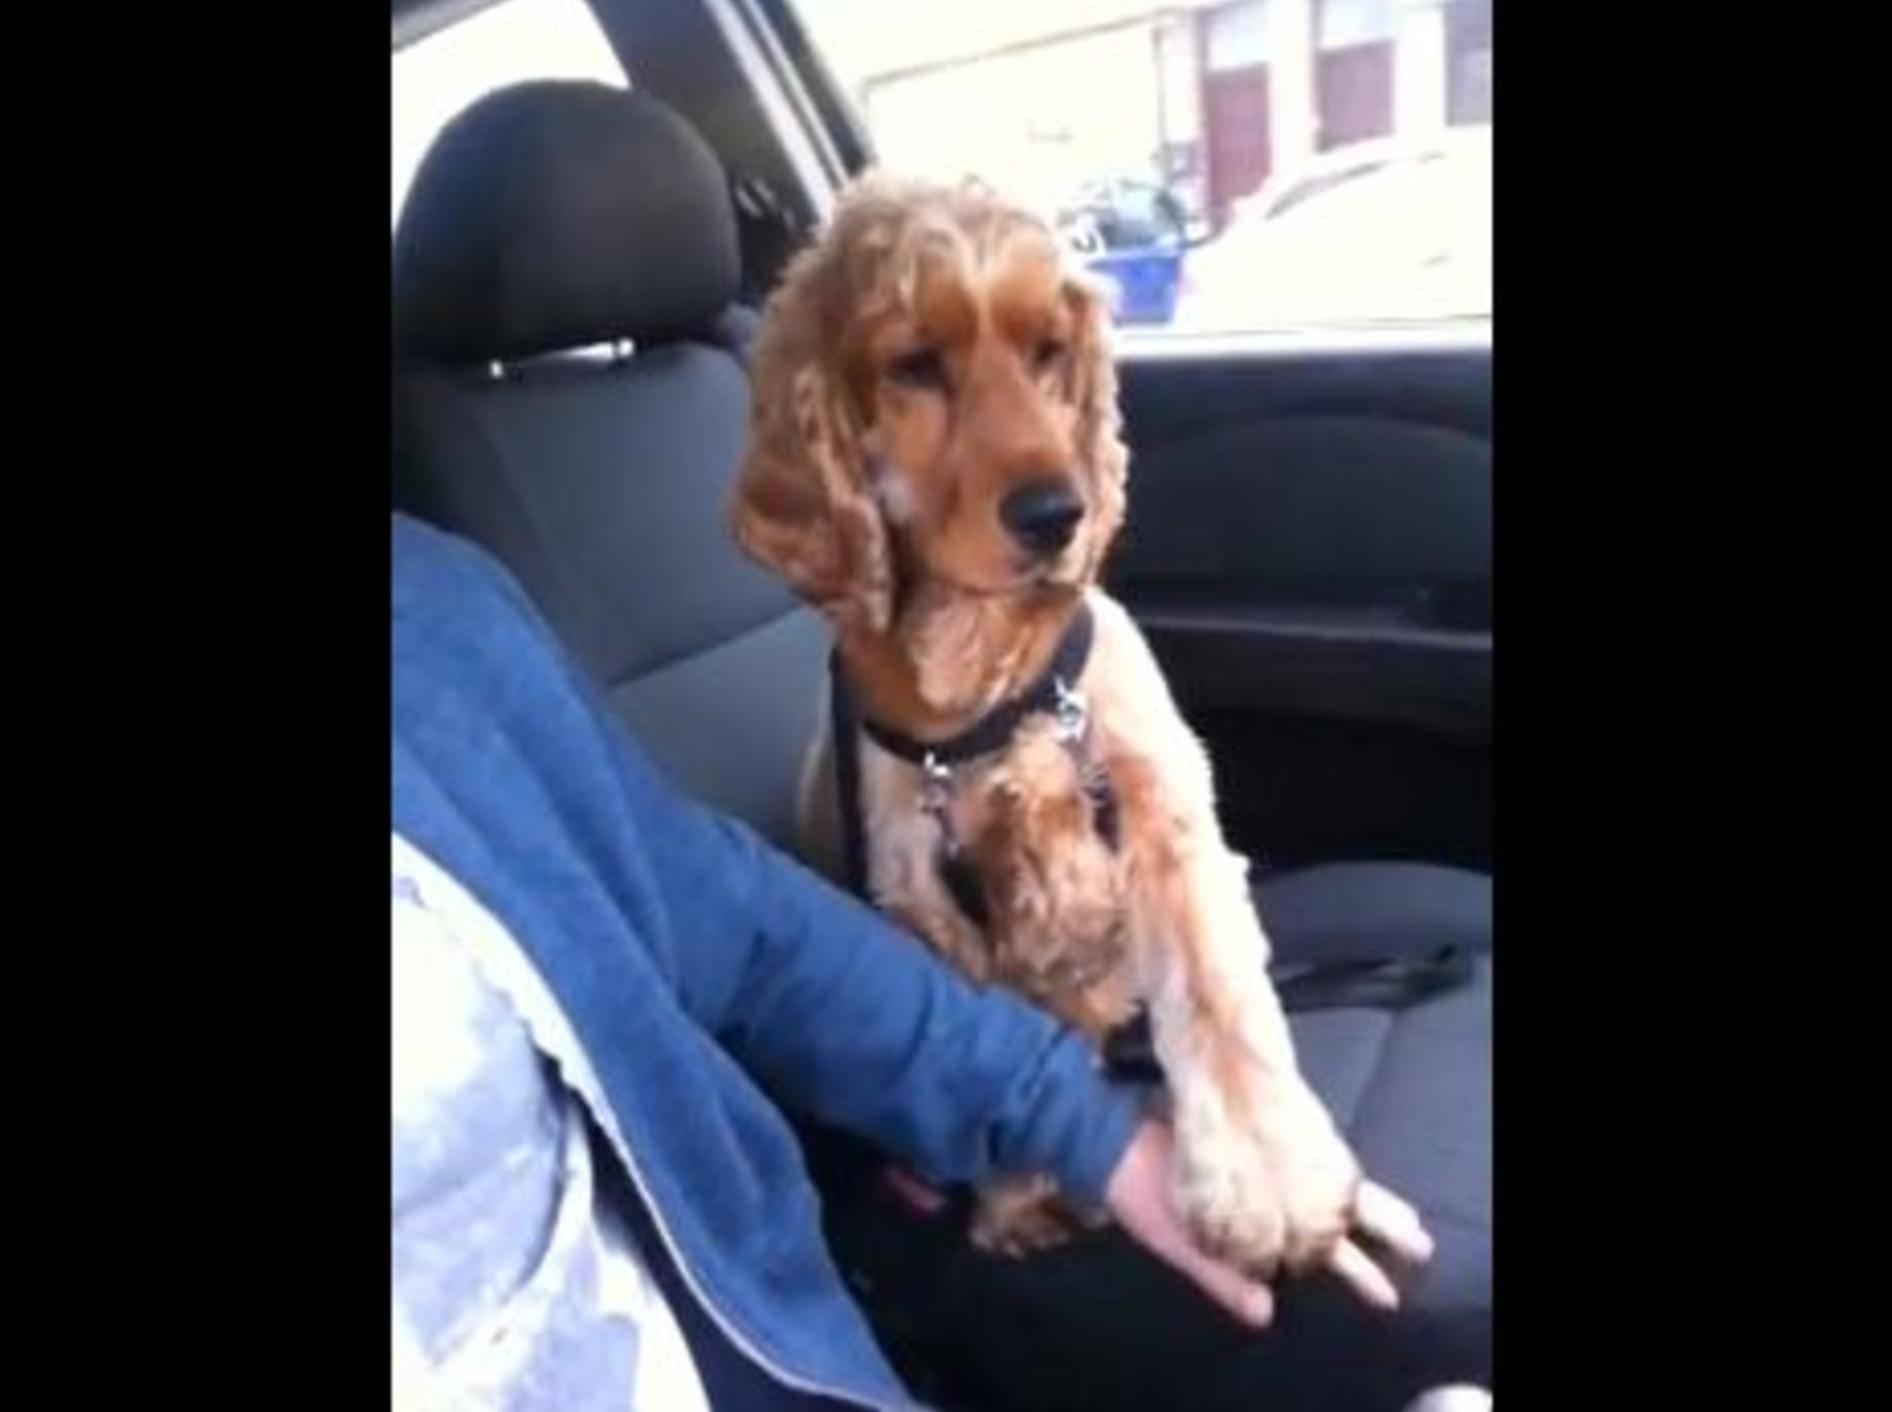 Hund Tommy hält Pfötchen beim Autofahren — Bild: Youtube / Adam Douglas·